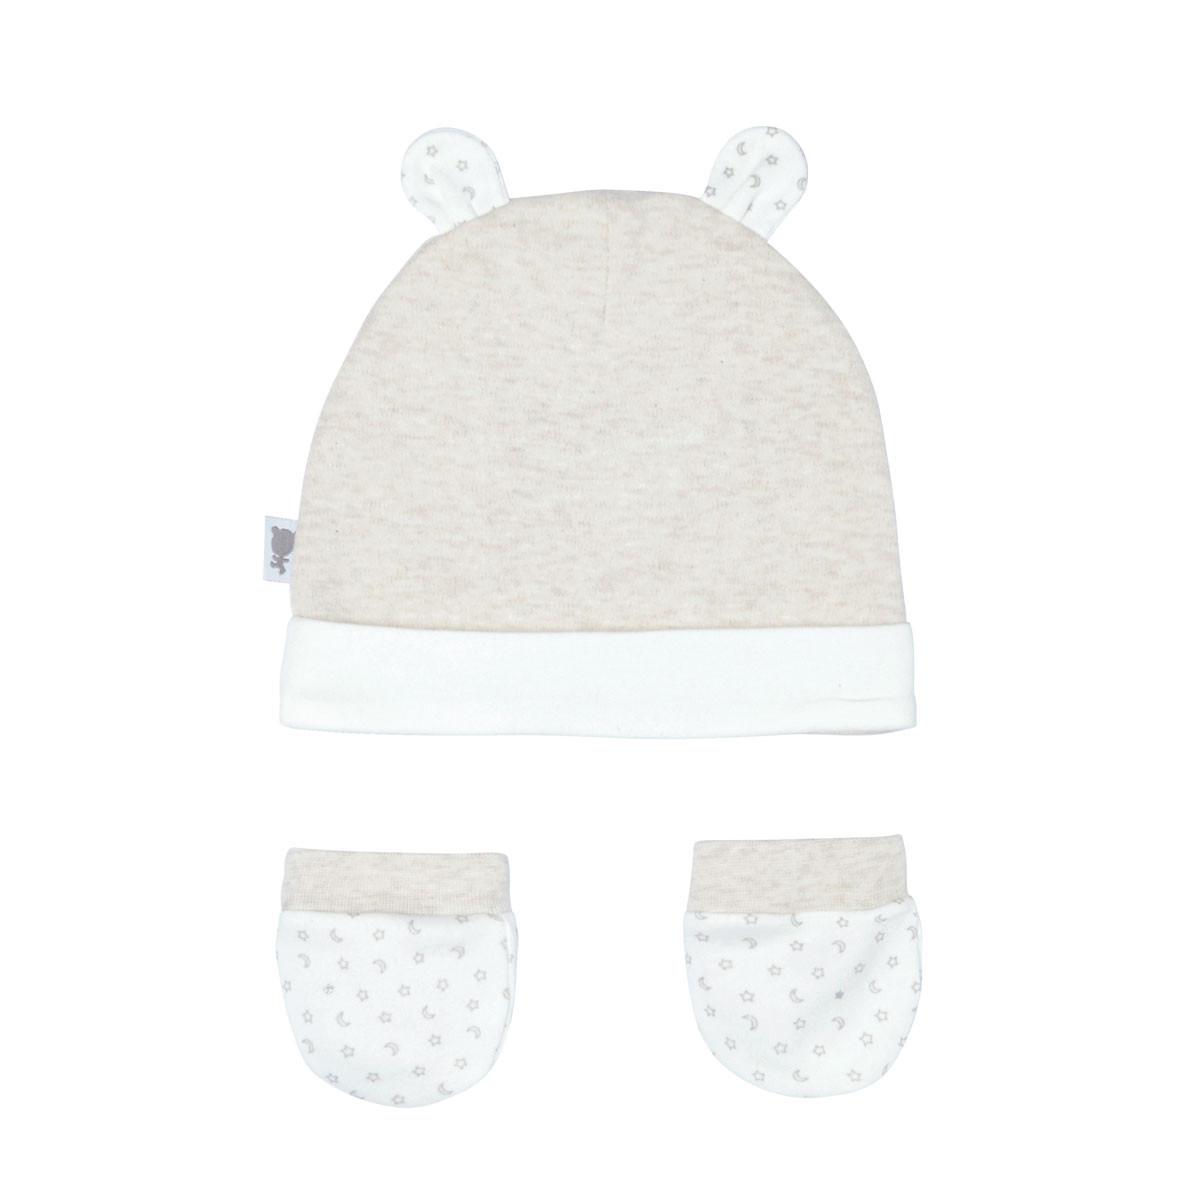 Bonnet + moufles anti-griffures bébé mixte Nuit Etoilée 0/3M dos